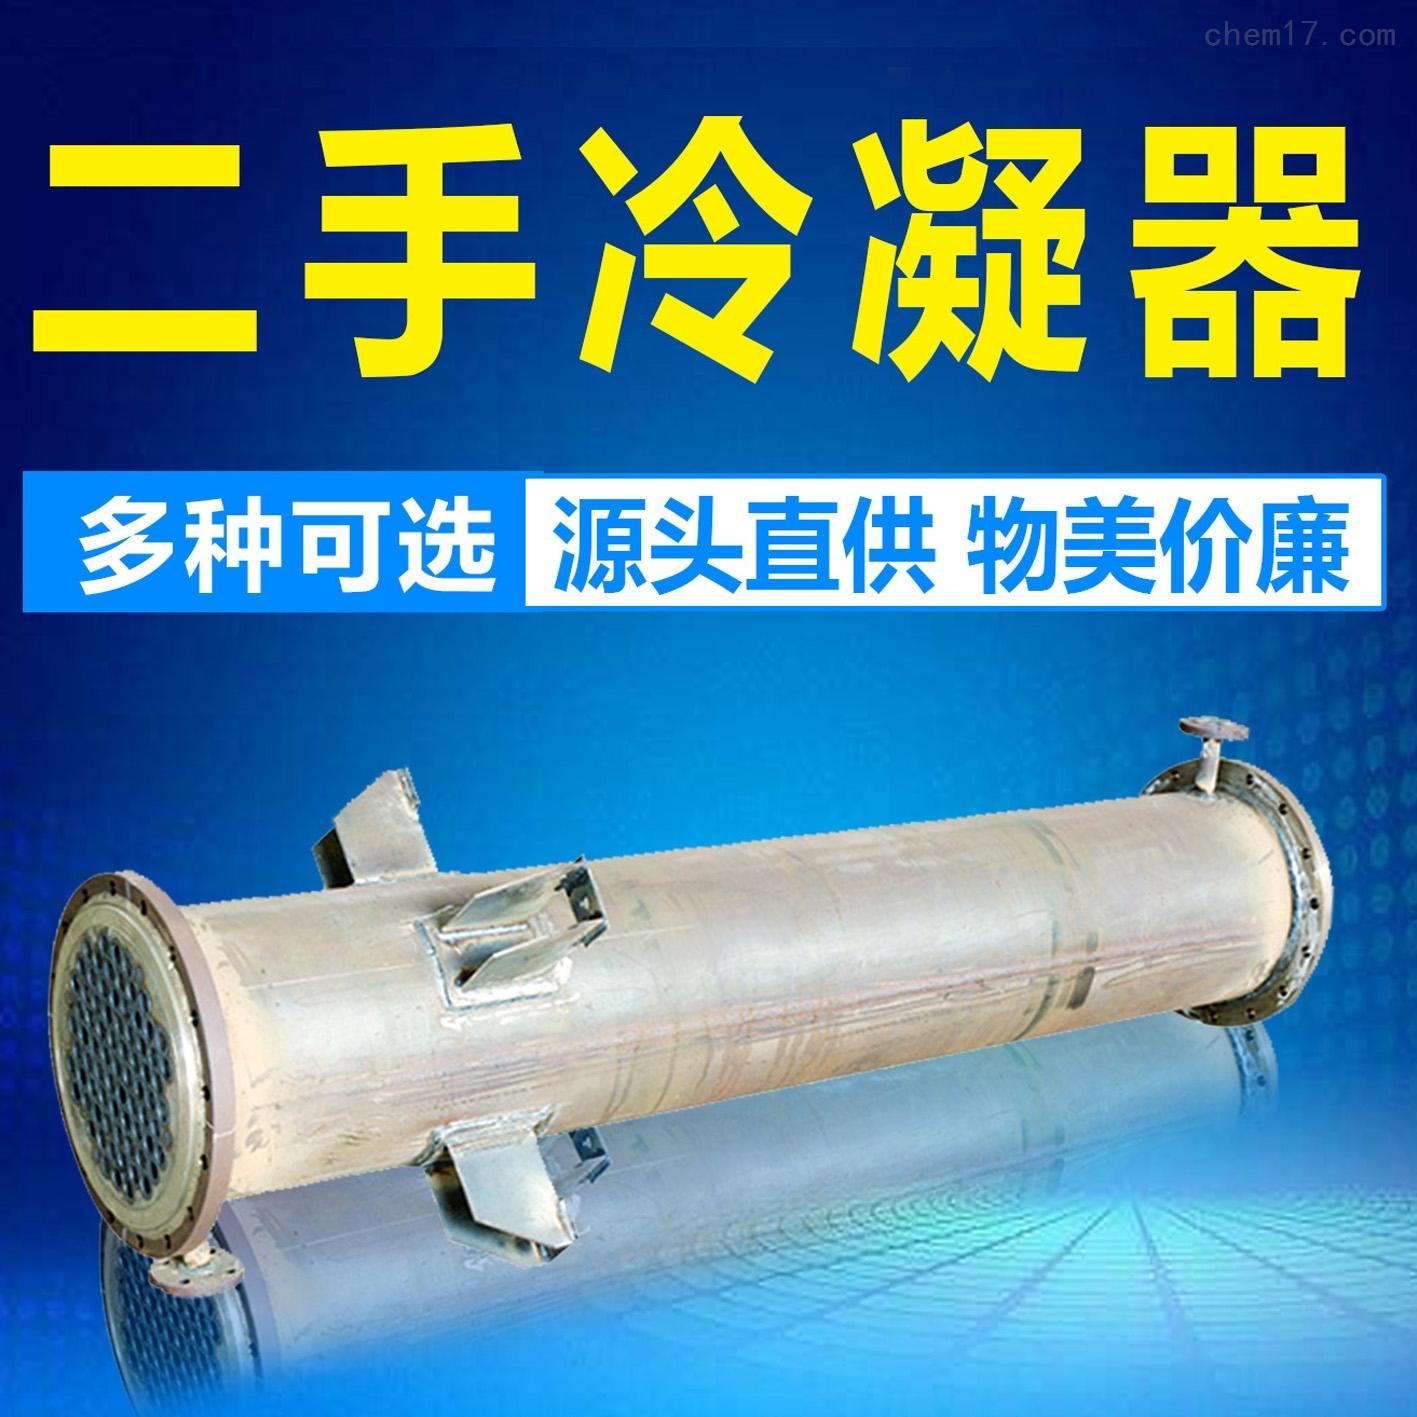 二手钛管钛材冷凝器 换热器批发厂家